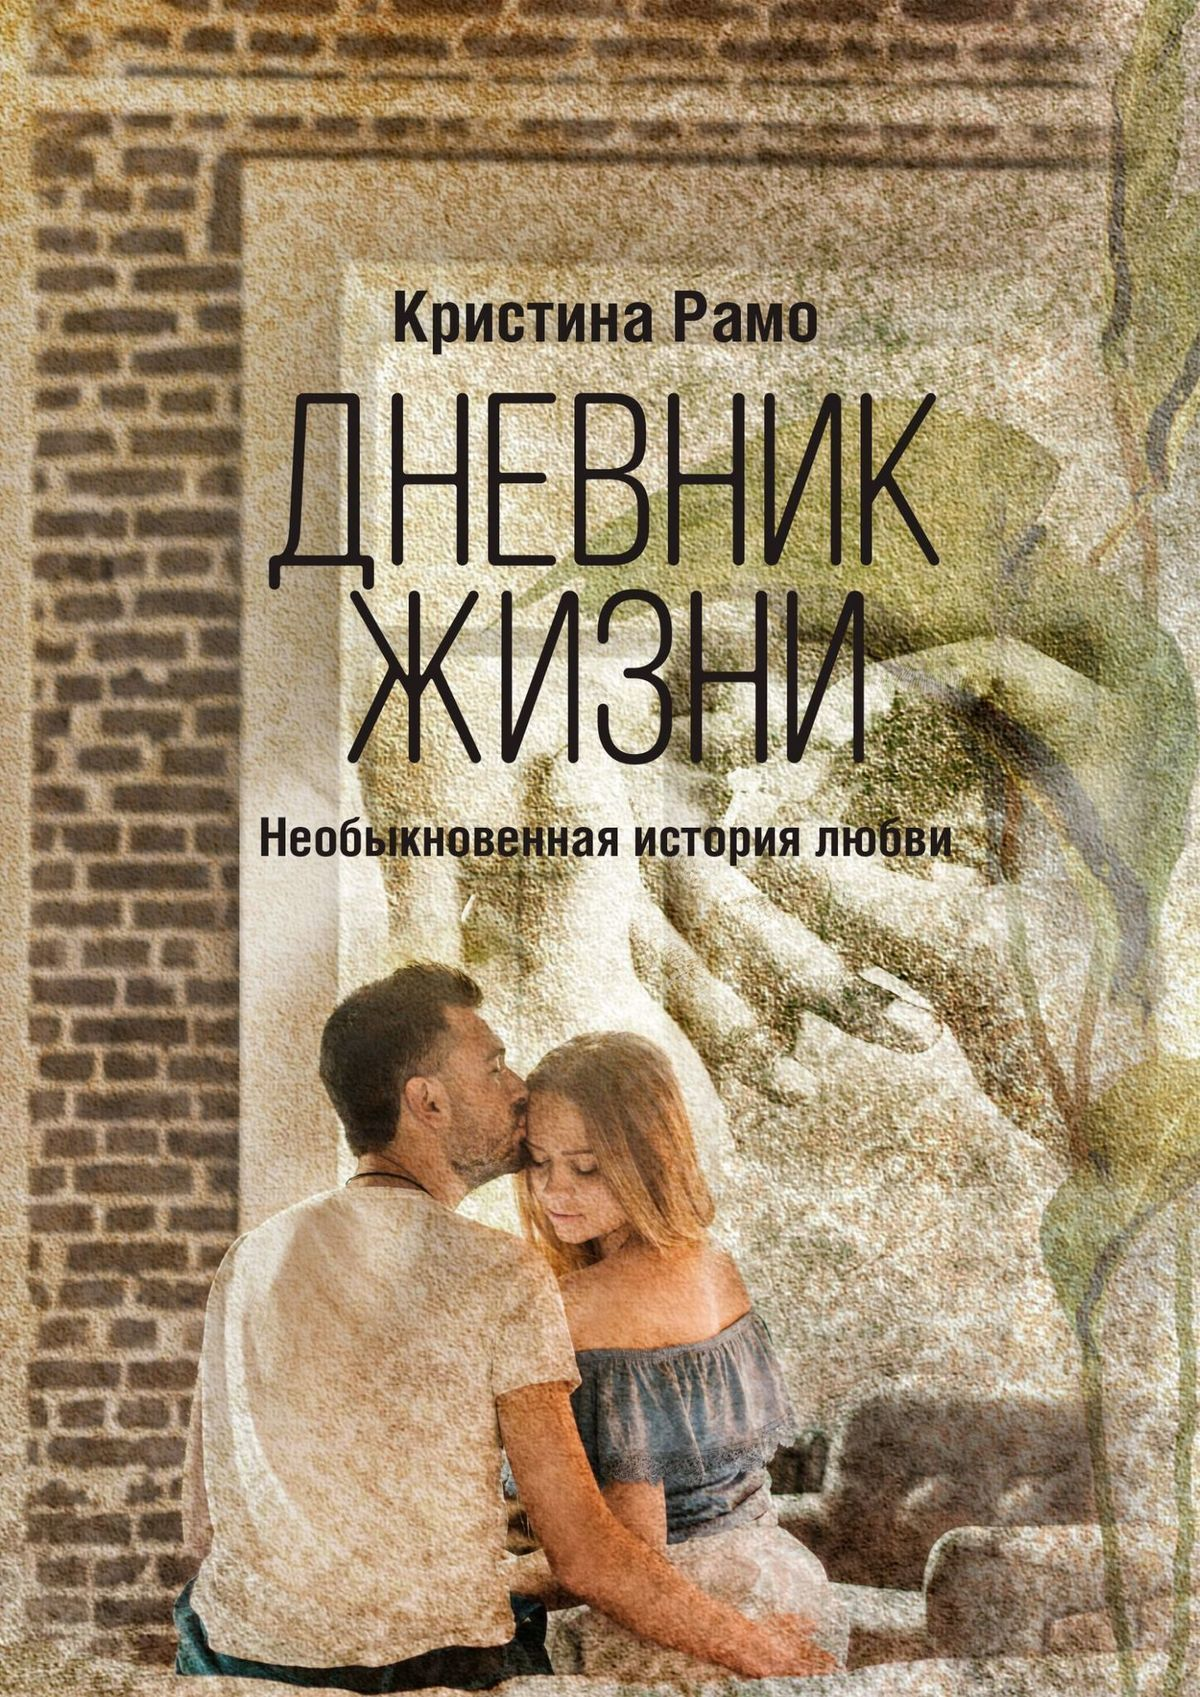 Кристина Рамо - Дневник жизни. Необыкновенная история любви